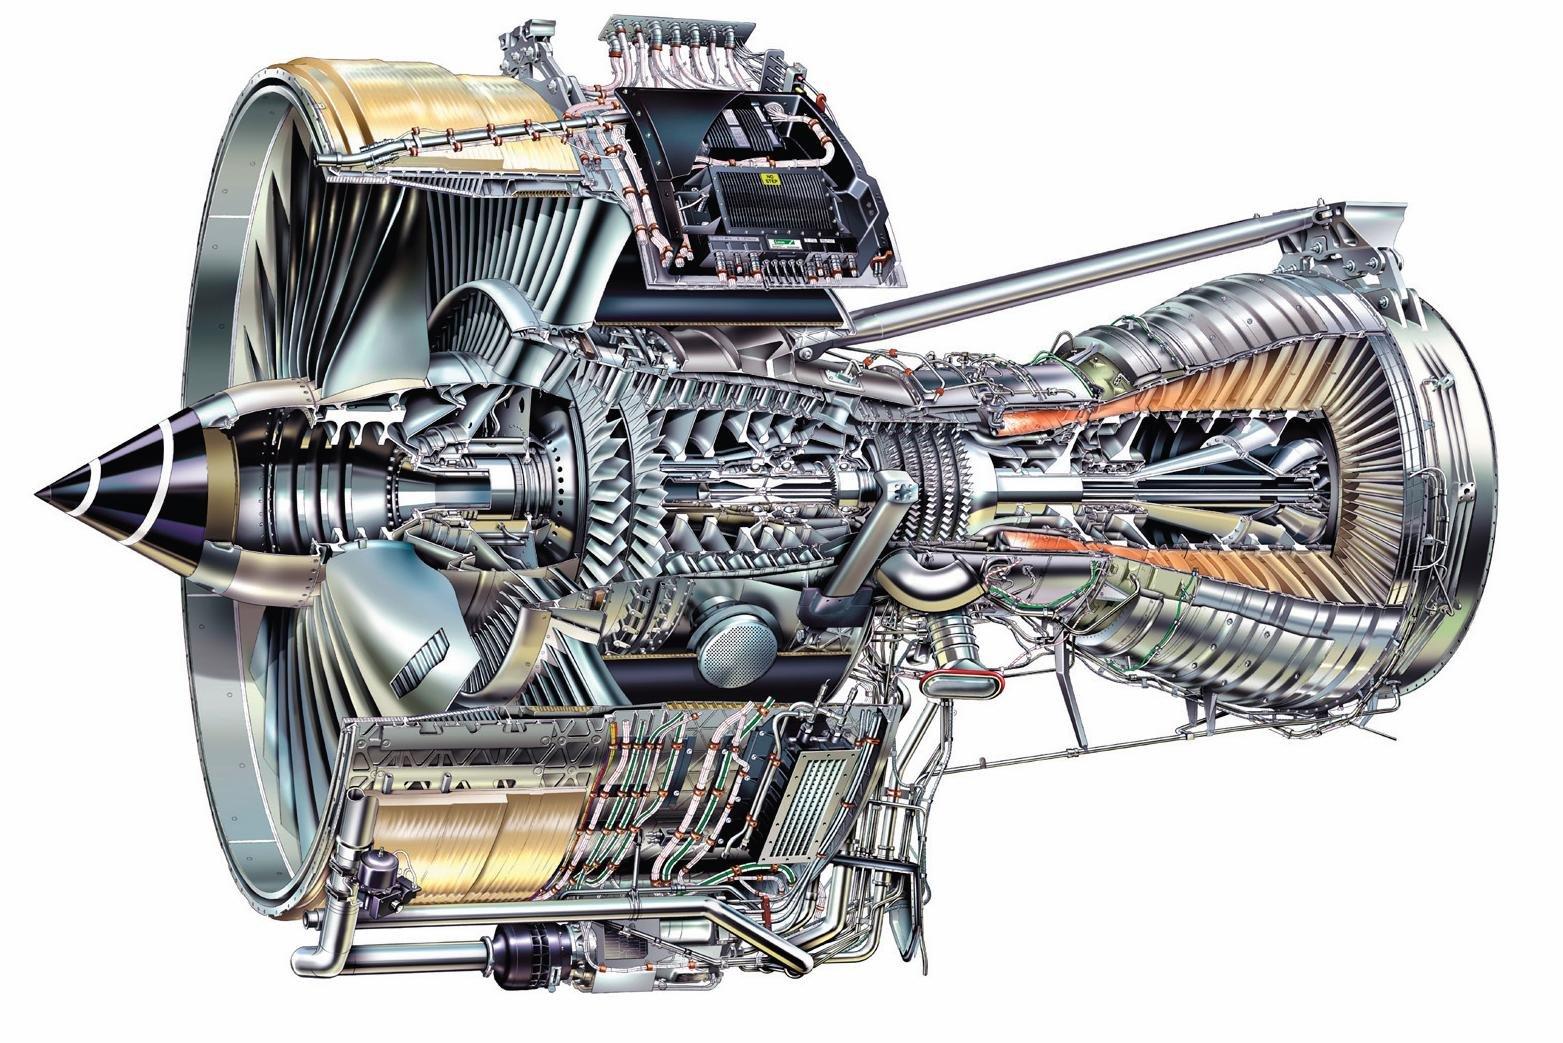 エールフランス機がエンジン損傷で緊急着陸 Trendswatcher Net